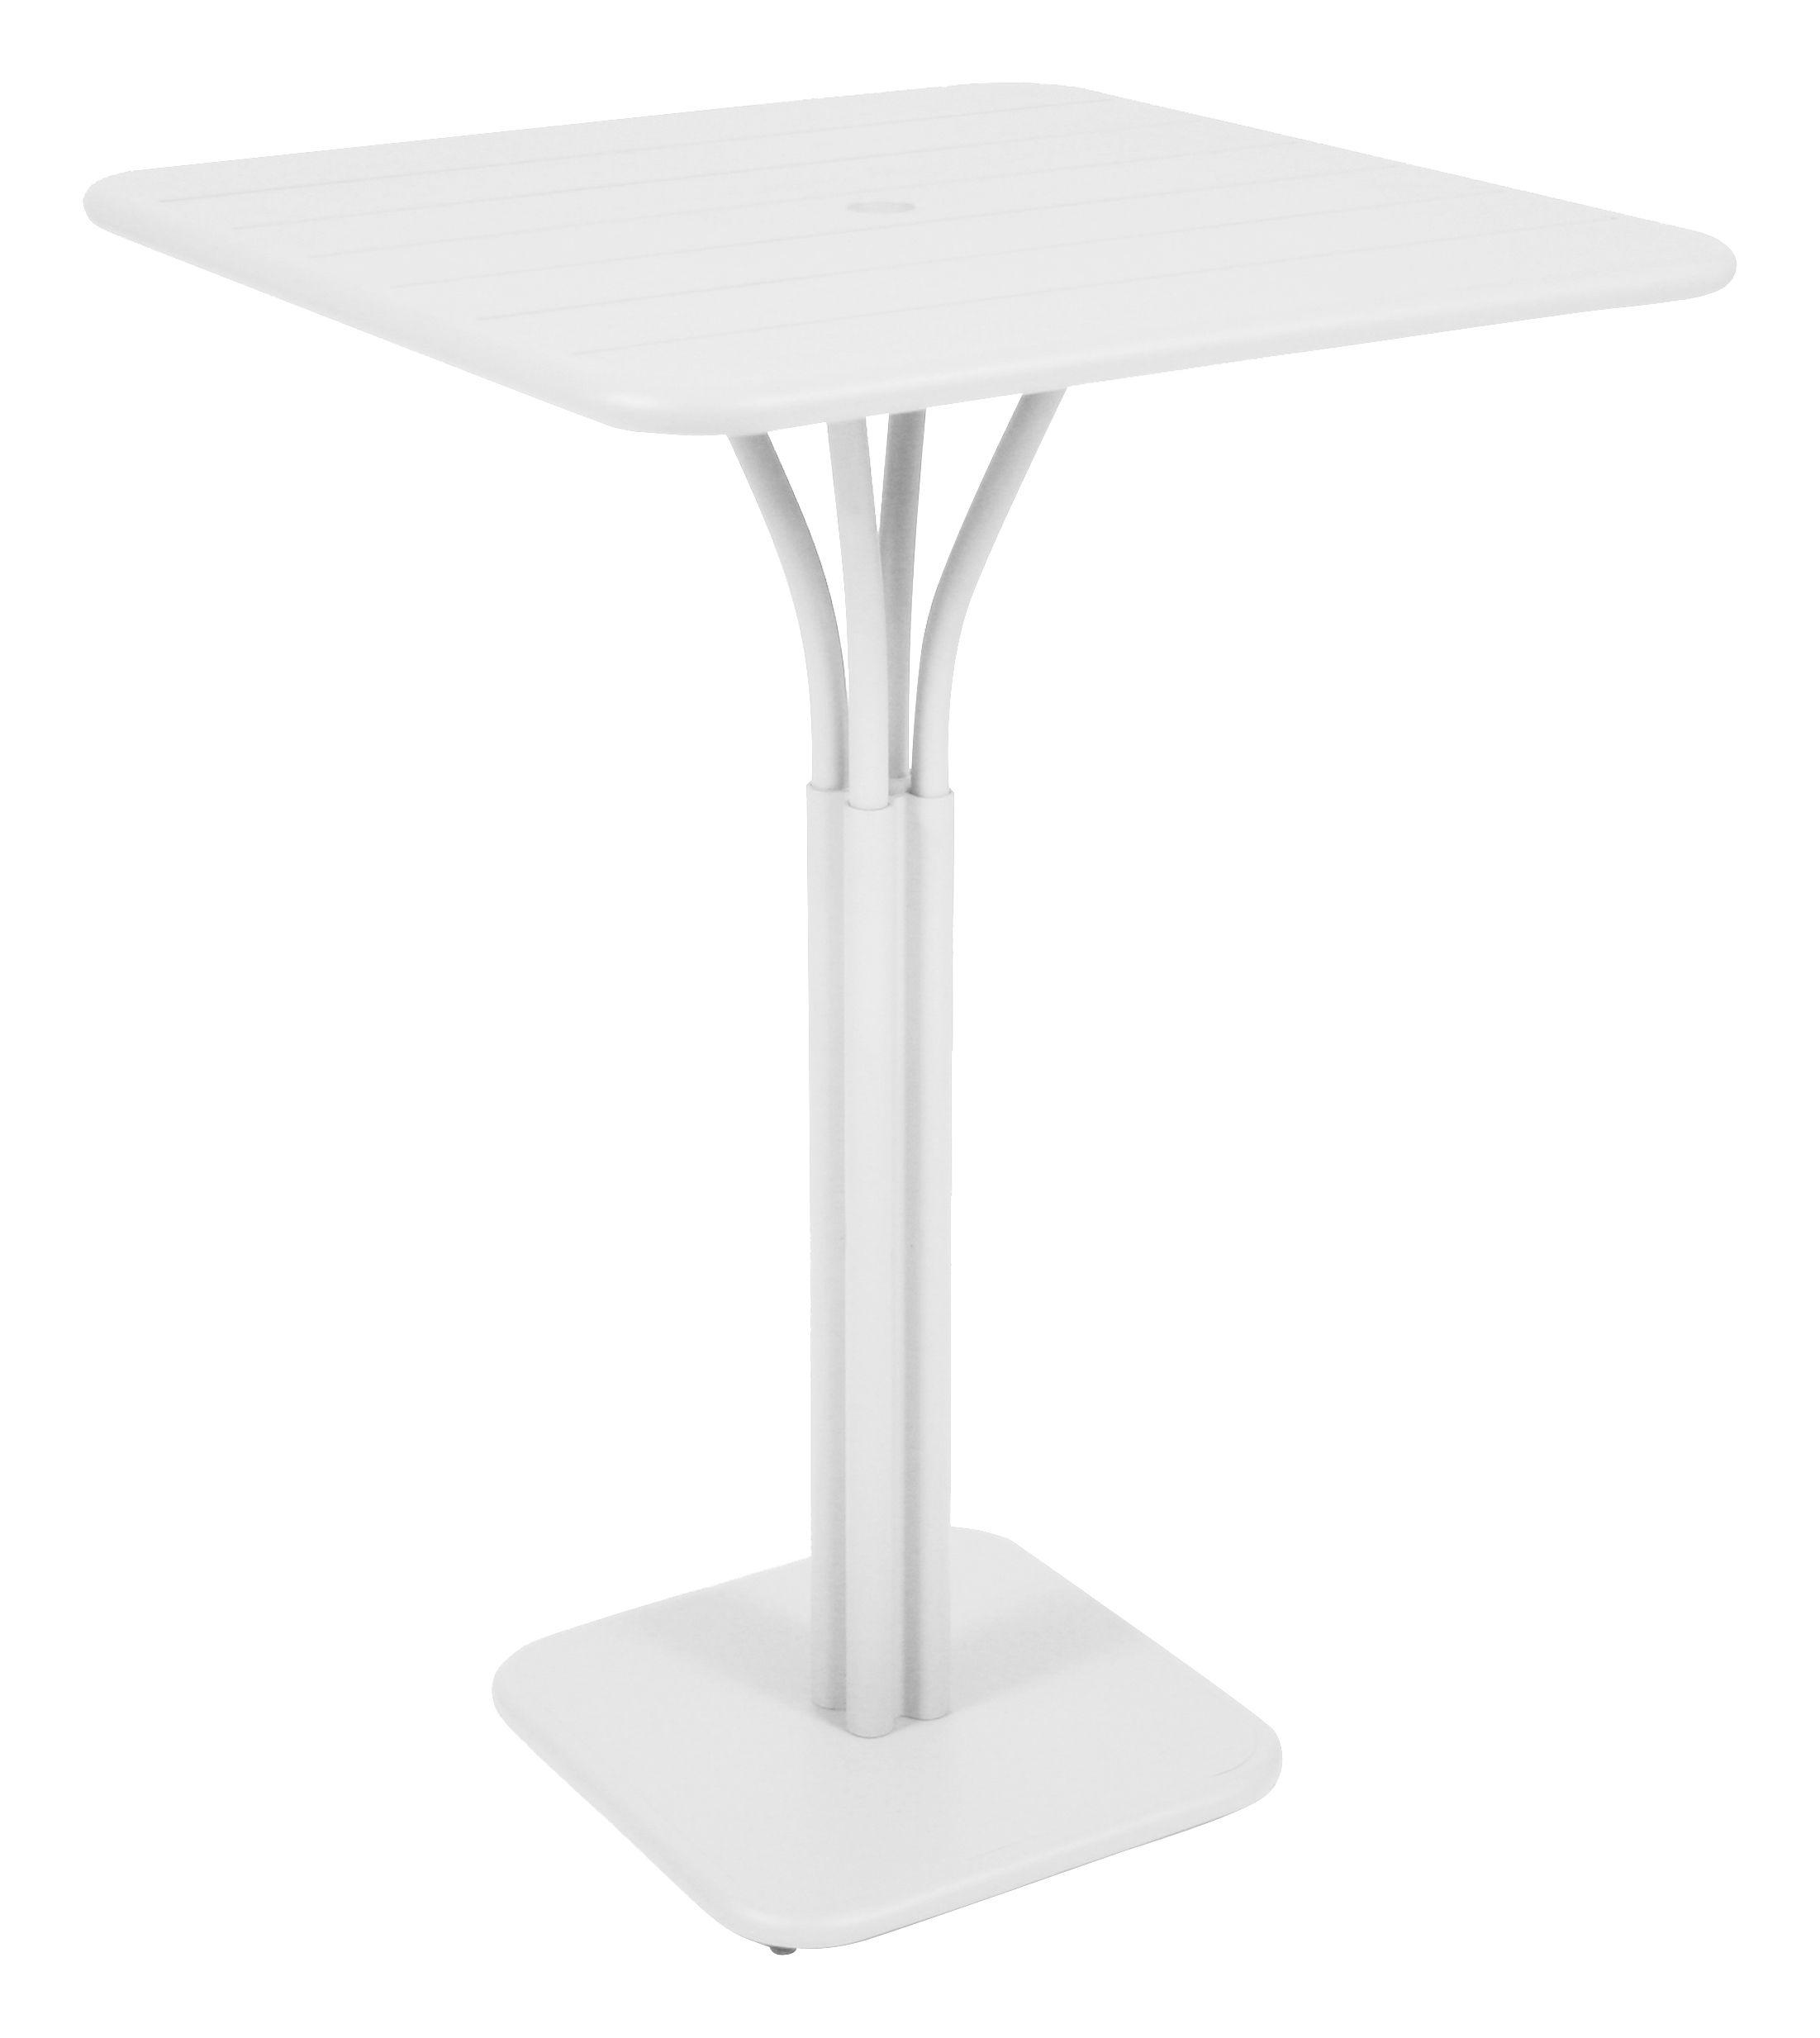 Arredamento - Tavoli alti - Tavolo bar alto Luxembourg - 80 x 80 x A 105 cm di Fermob - Bianco cotone - Alluminio laccato